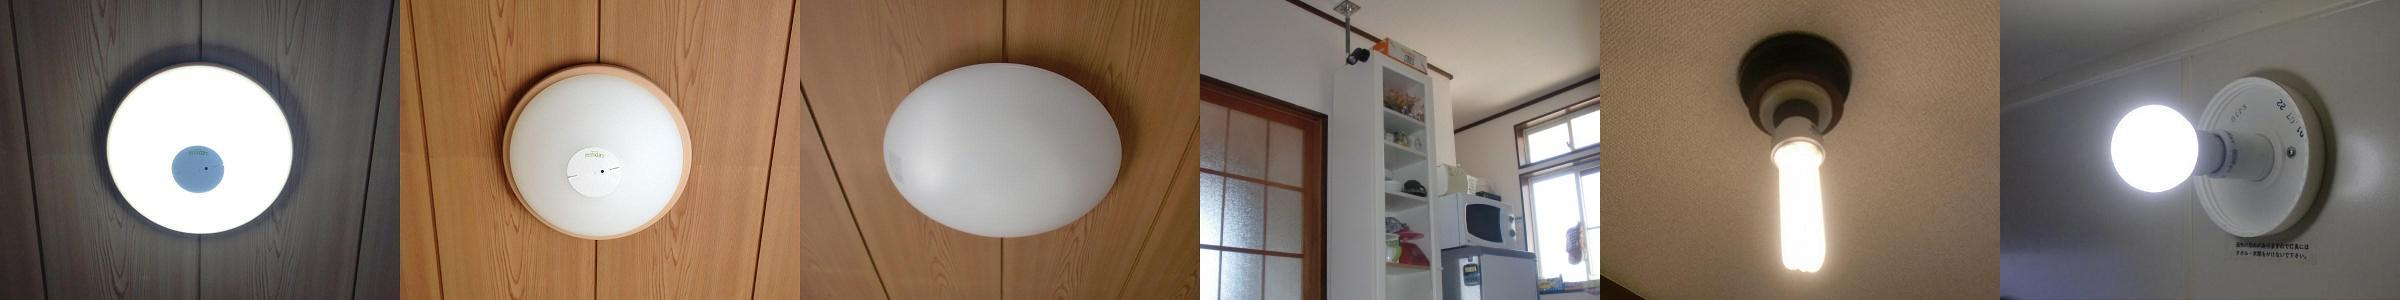 引越して、LEDシーリングライトとLEDセンサーライトを取り付けました